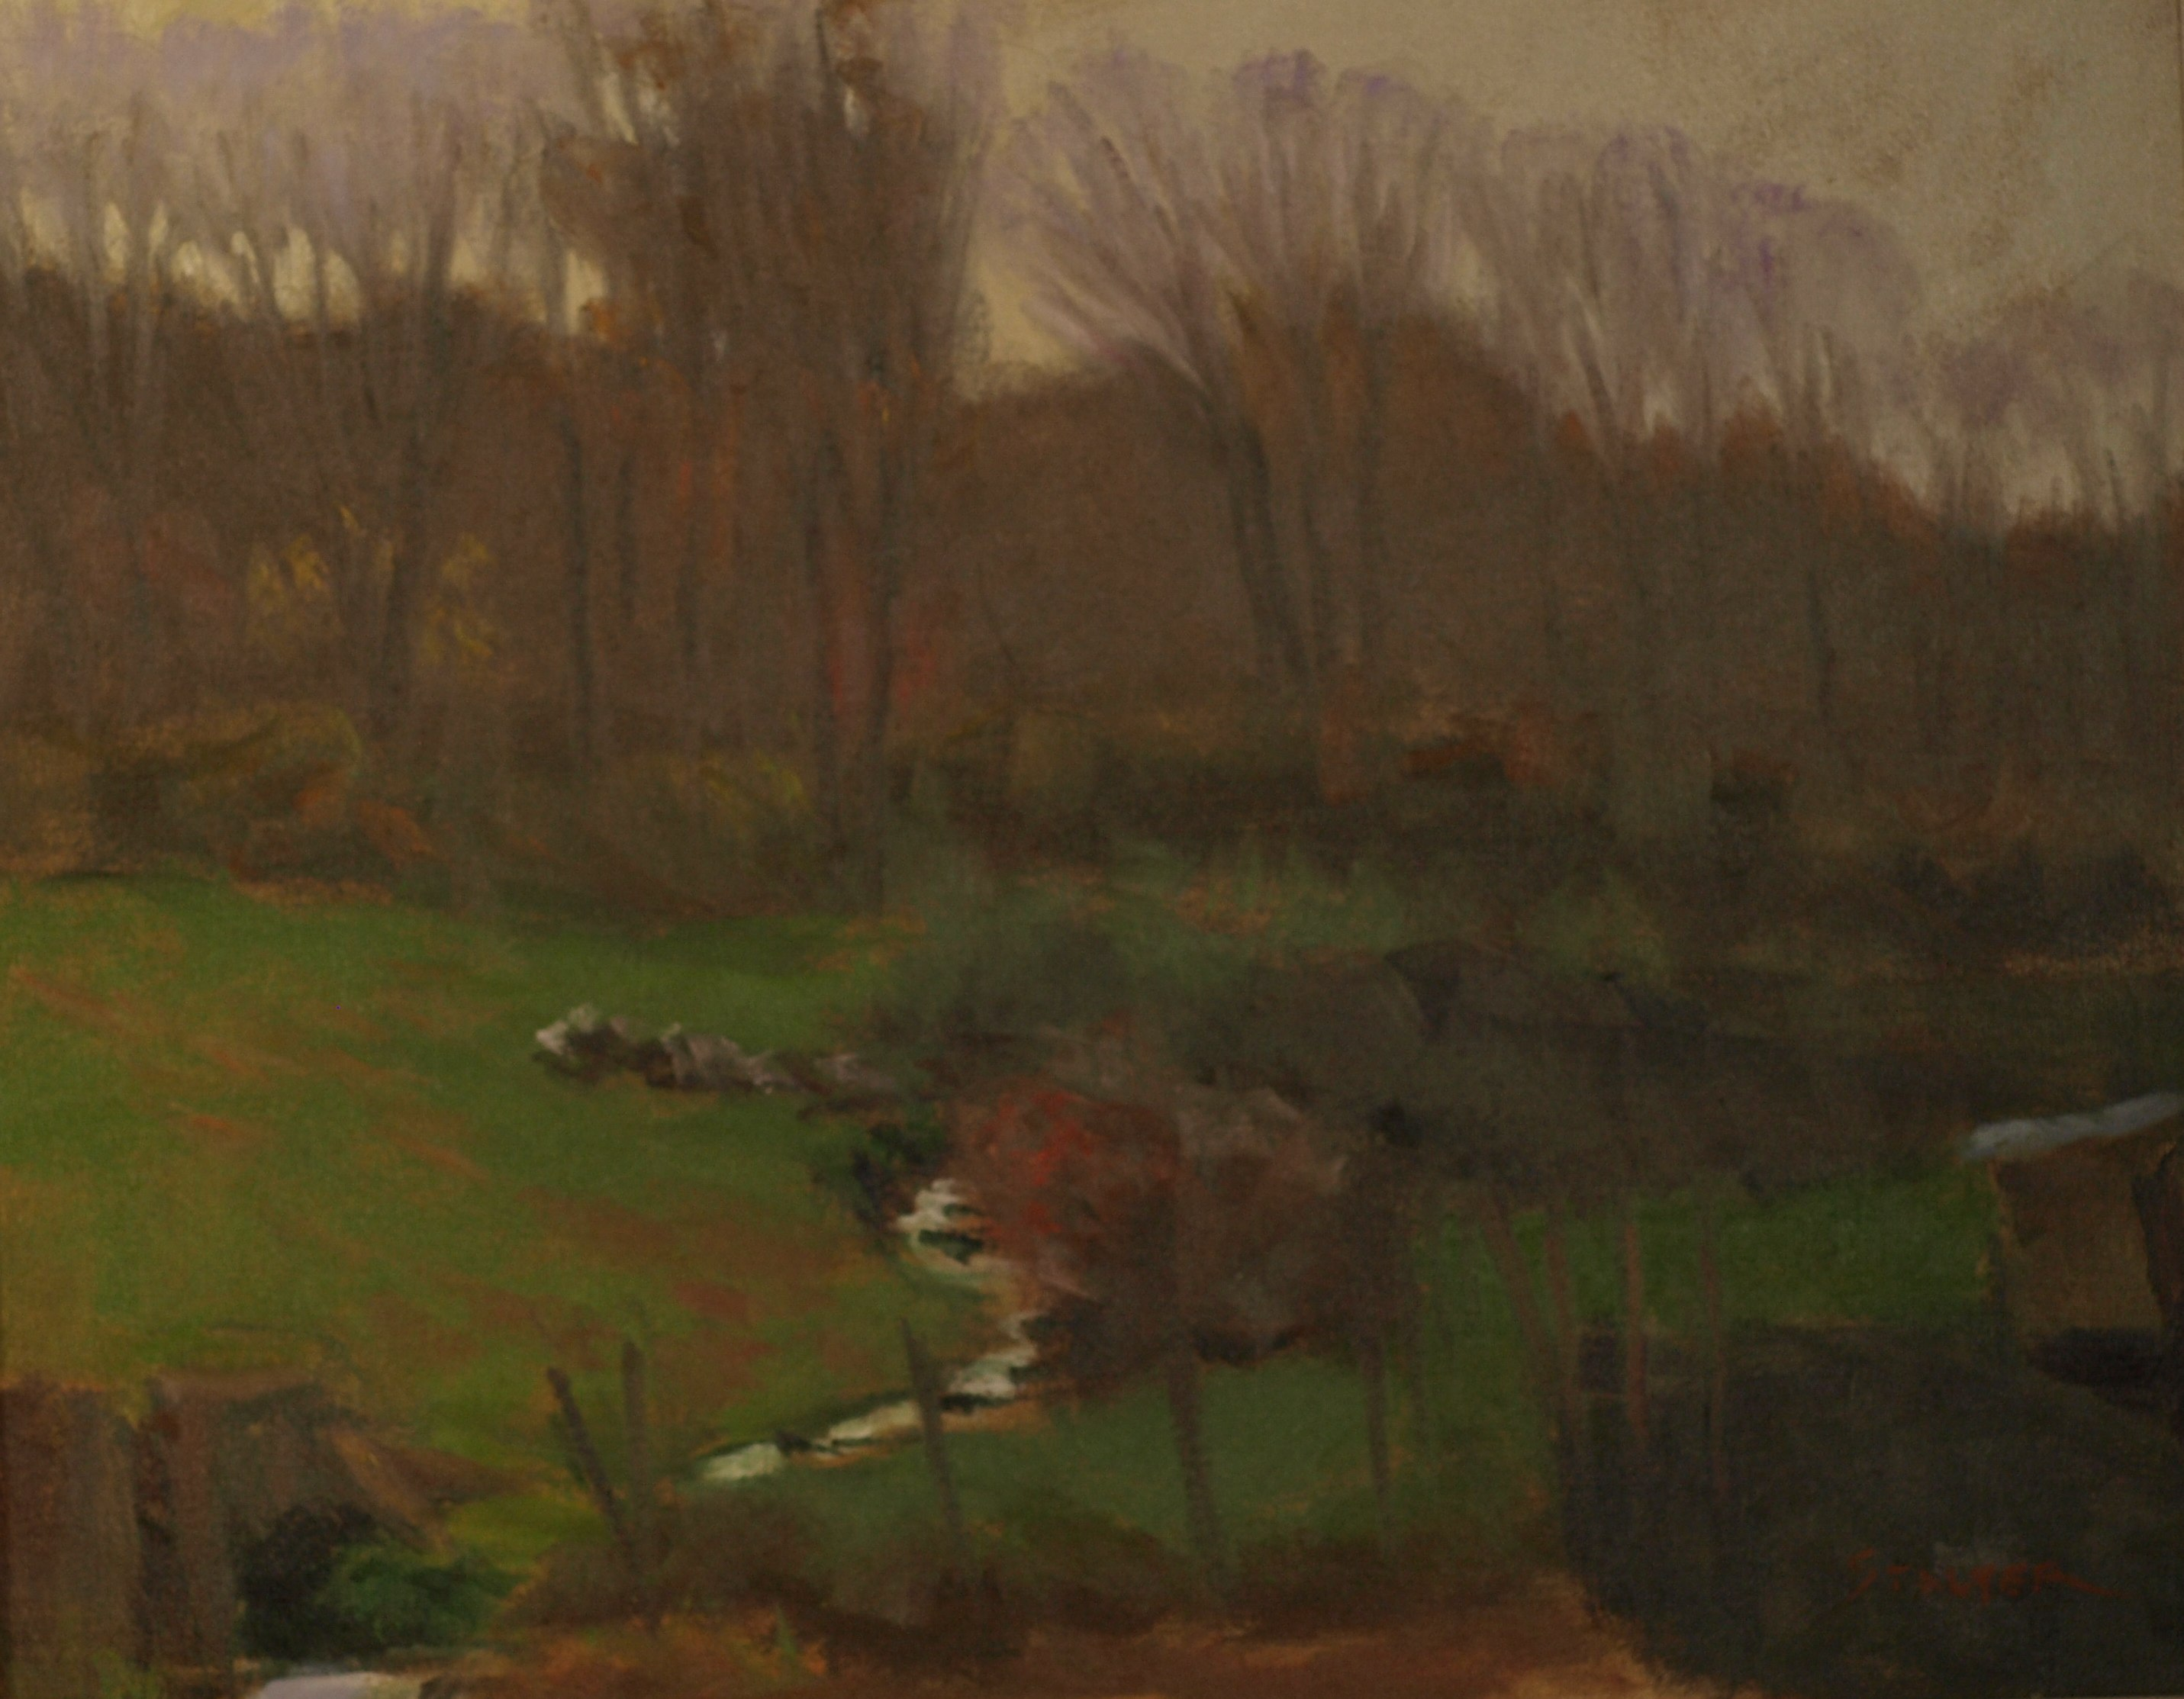 Autumn Haze - Hipp Farm, Oil on Canvas, 16 x 20 Inches, by Richard Stalter, $650